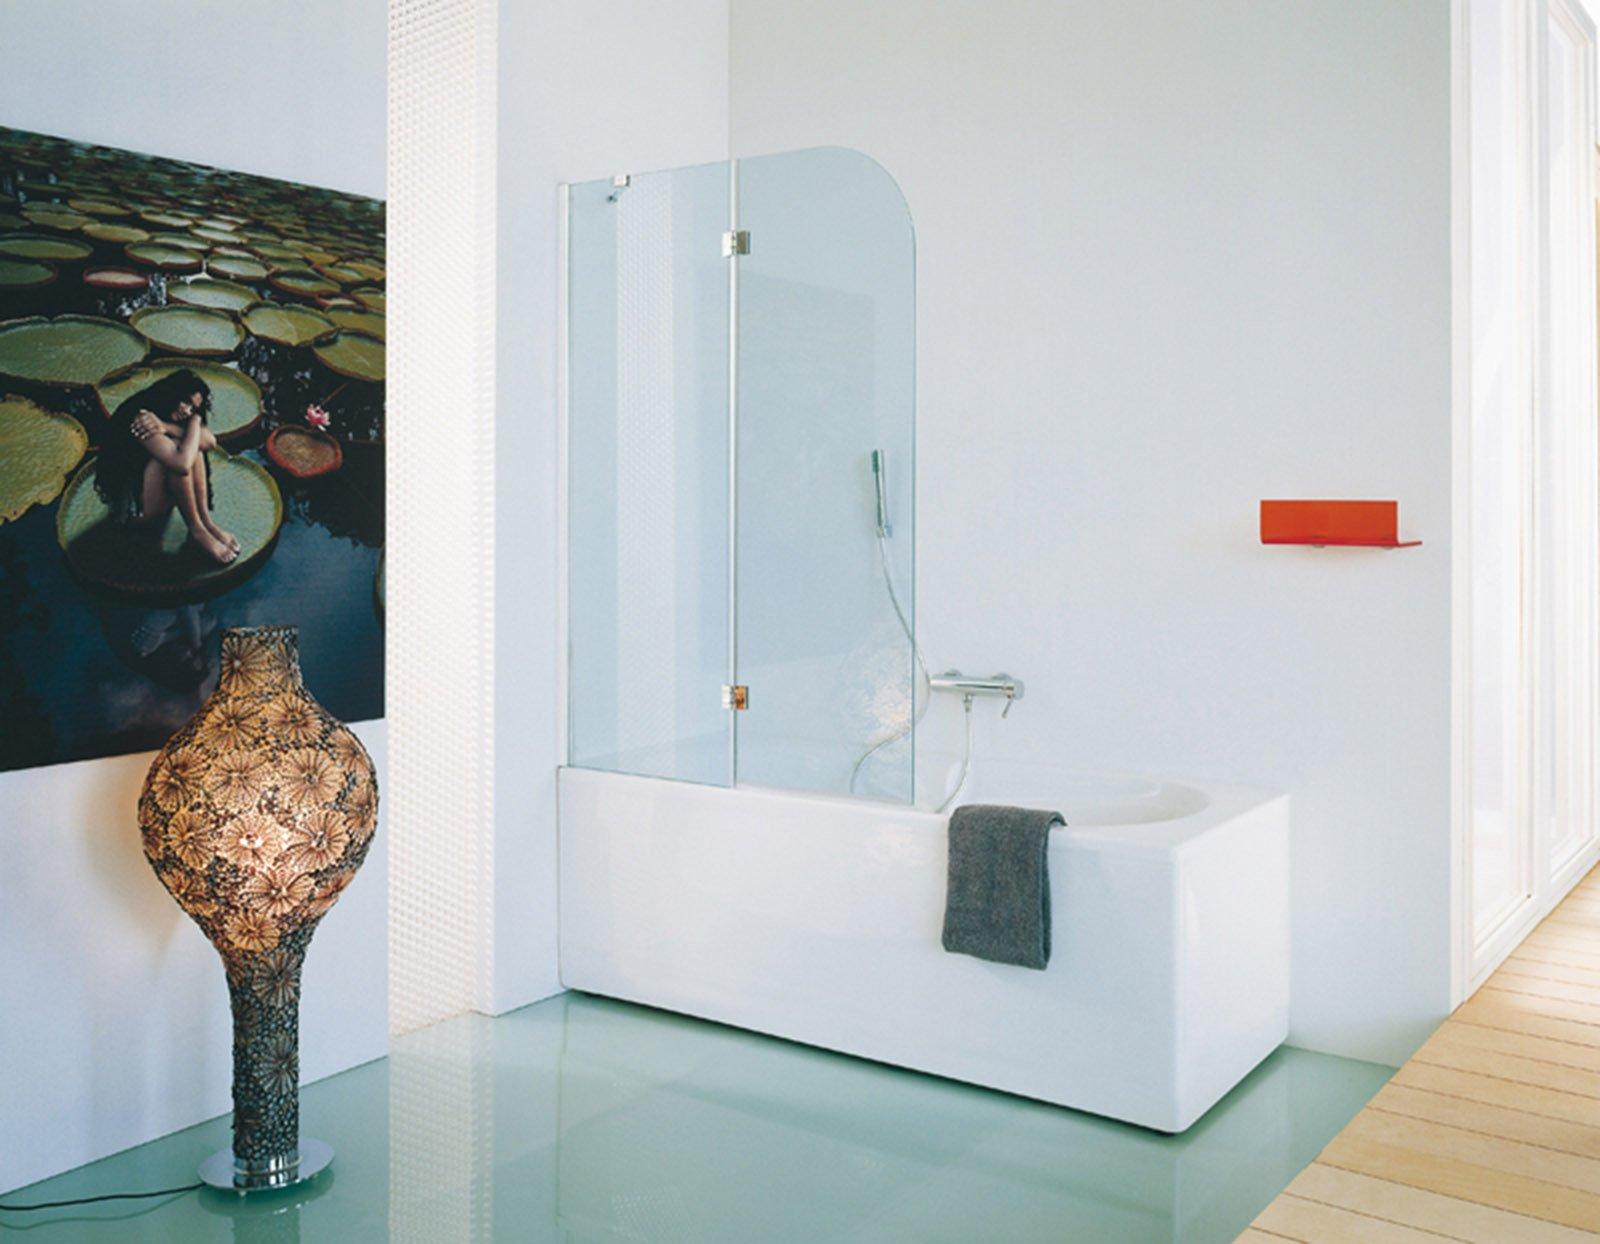 Vasca Da Bagno Quale Scegliere : La doccia nella vasca aggiungendo un pannello cose di casa